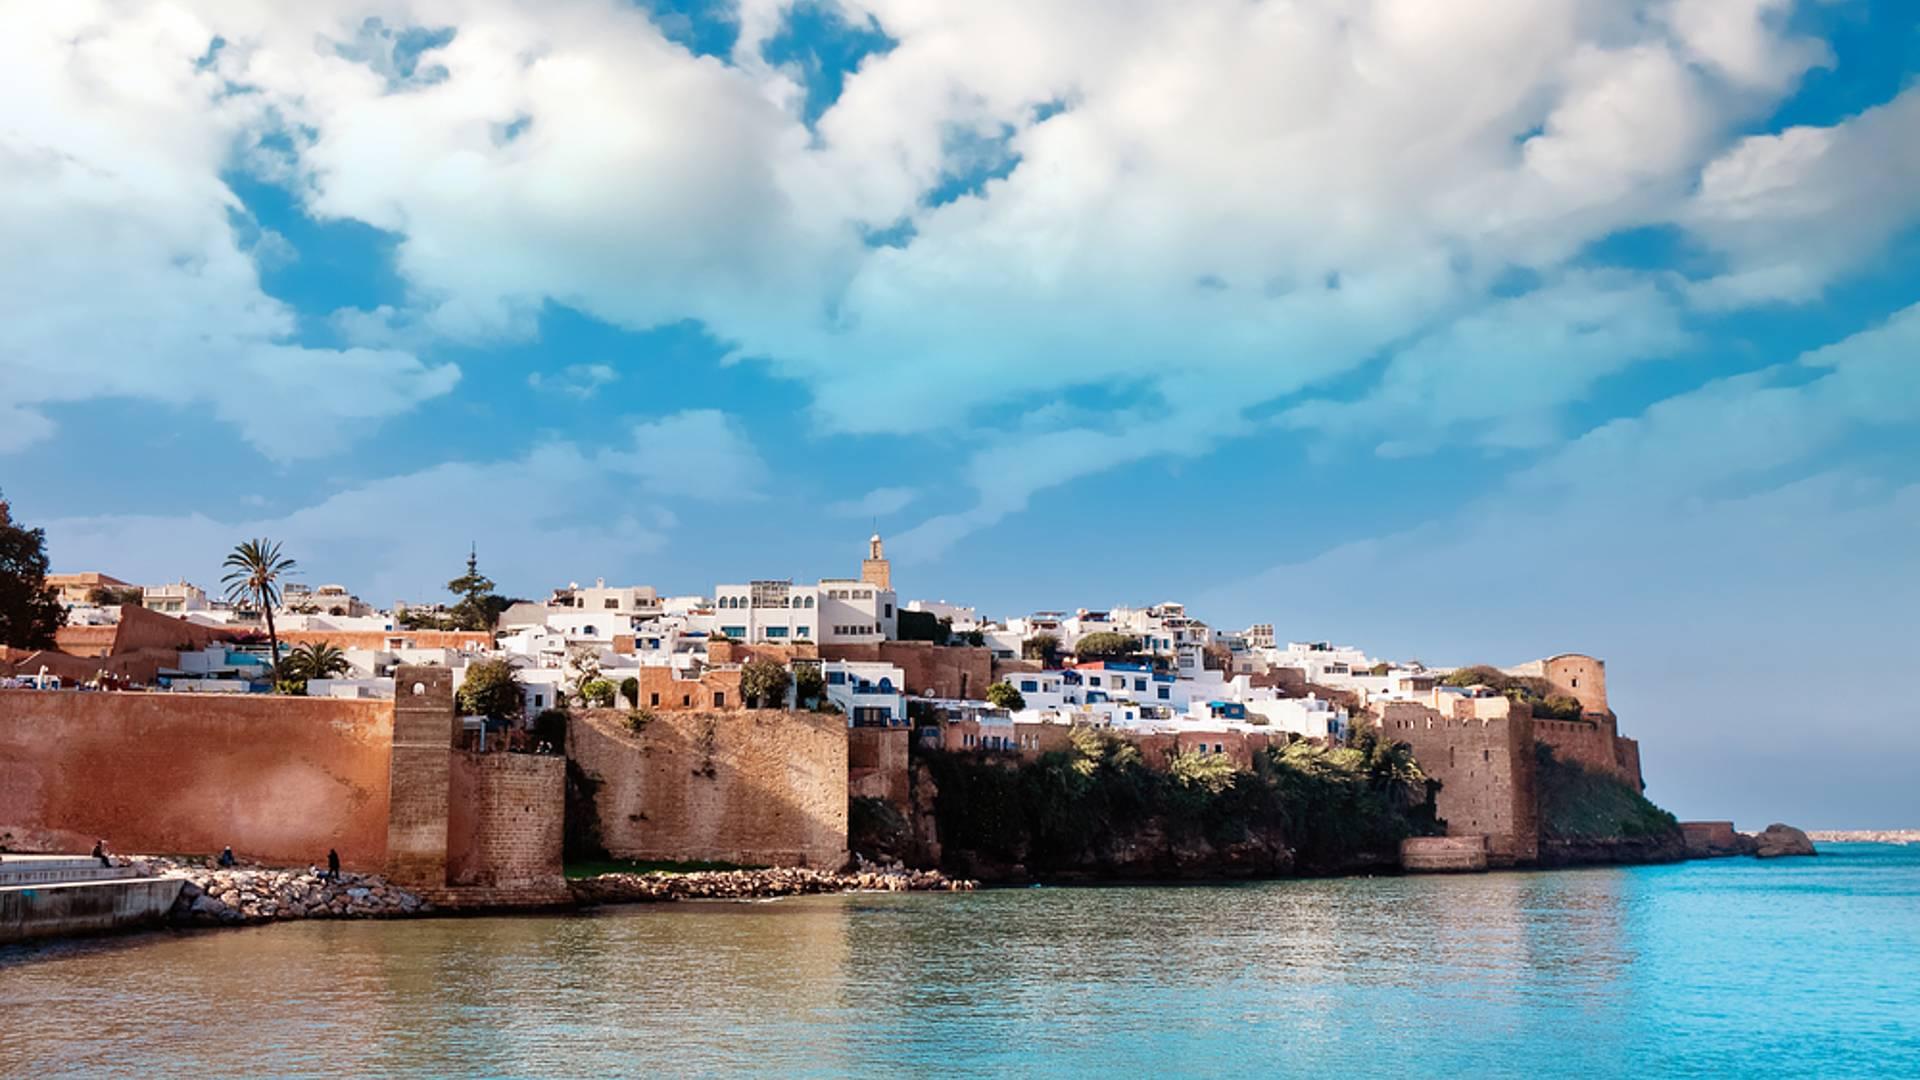 Fès, Meknès, Marrakech, Rabat : Sur la route des villes impériales